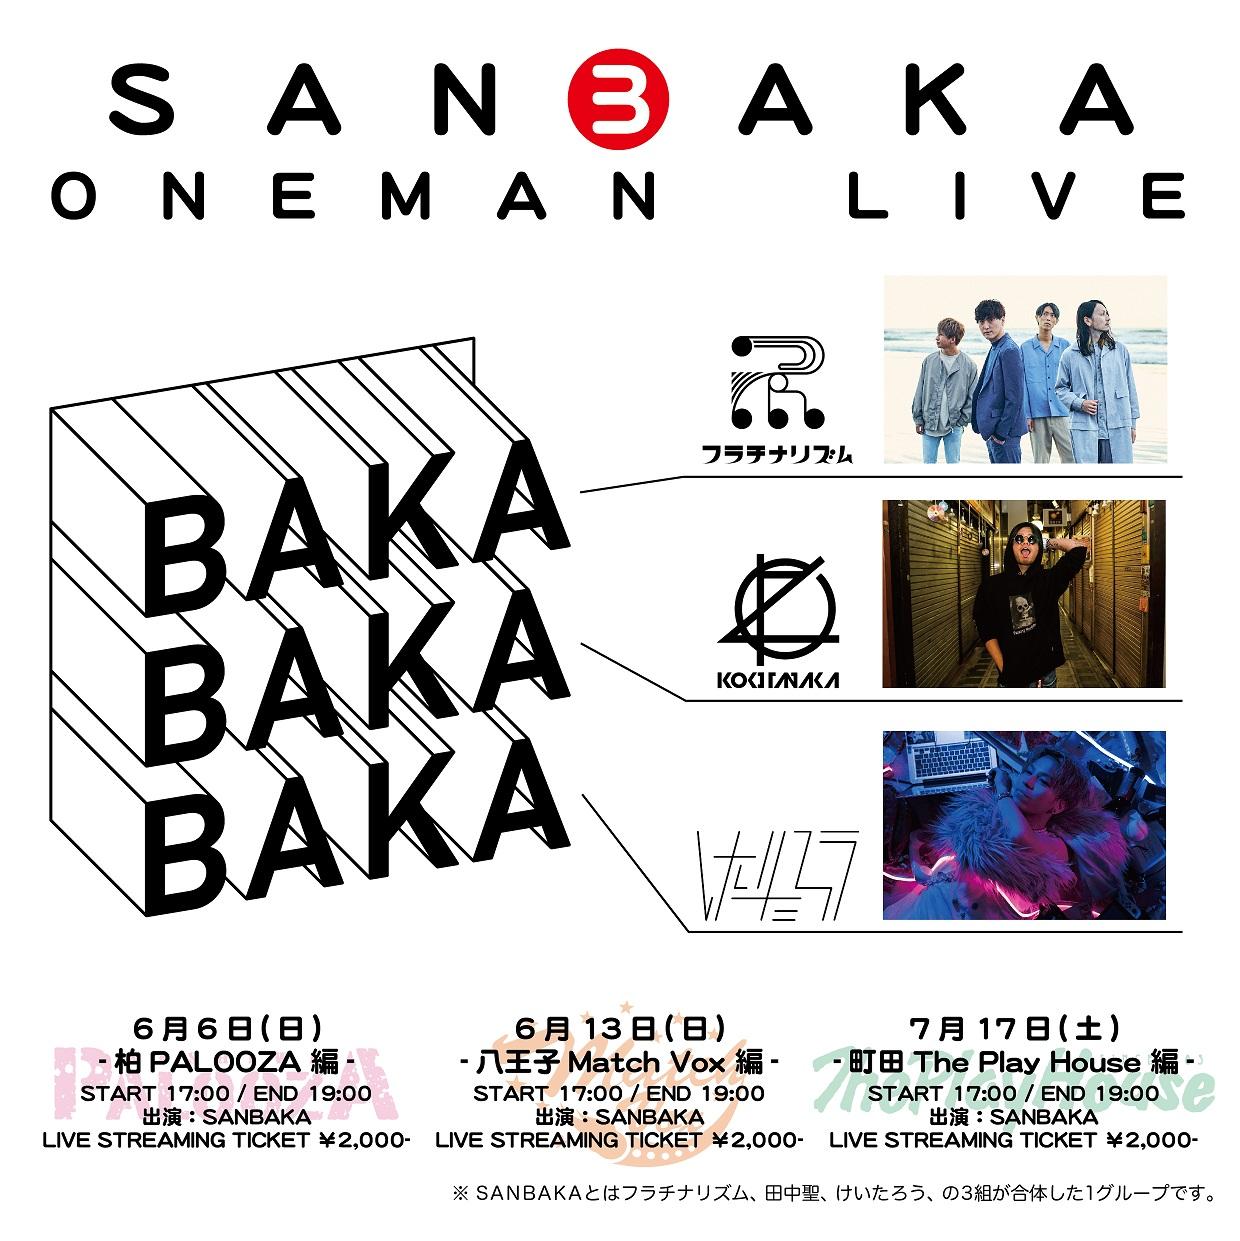 SANBAKAオリジナルTシャツ発売決定!(会場販売あり)